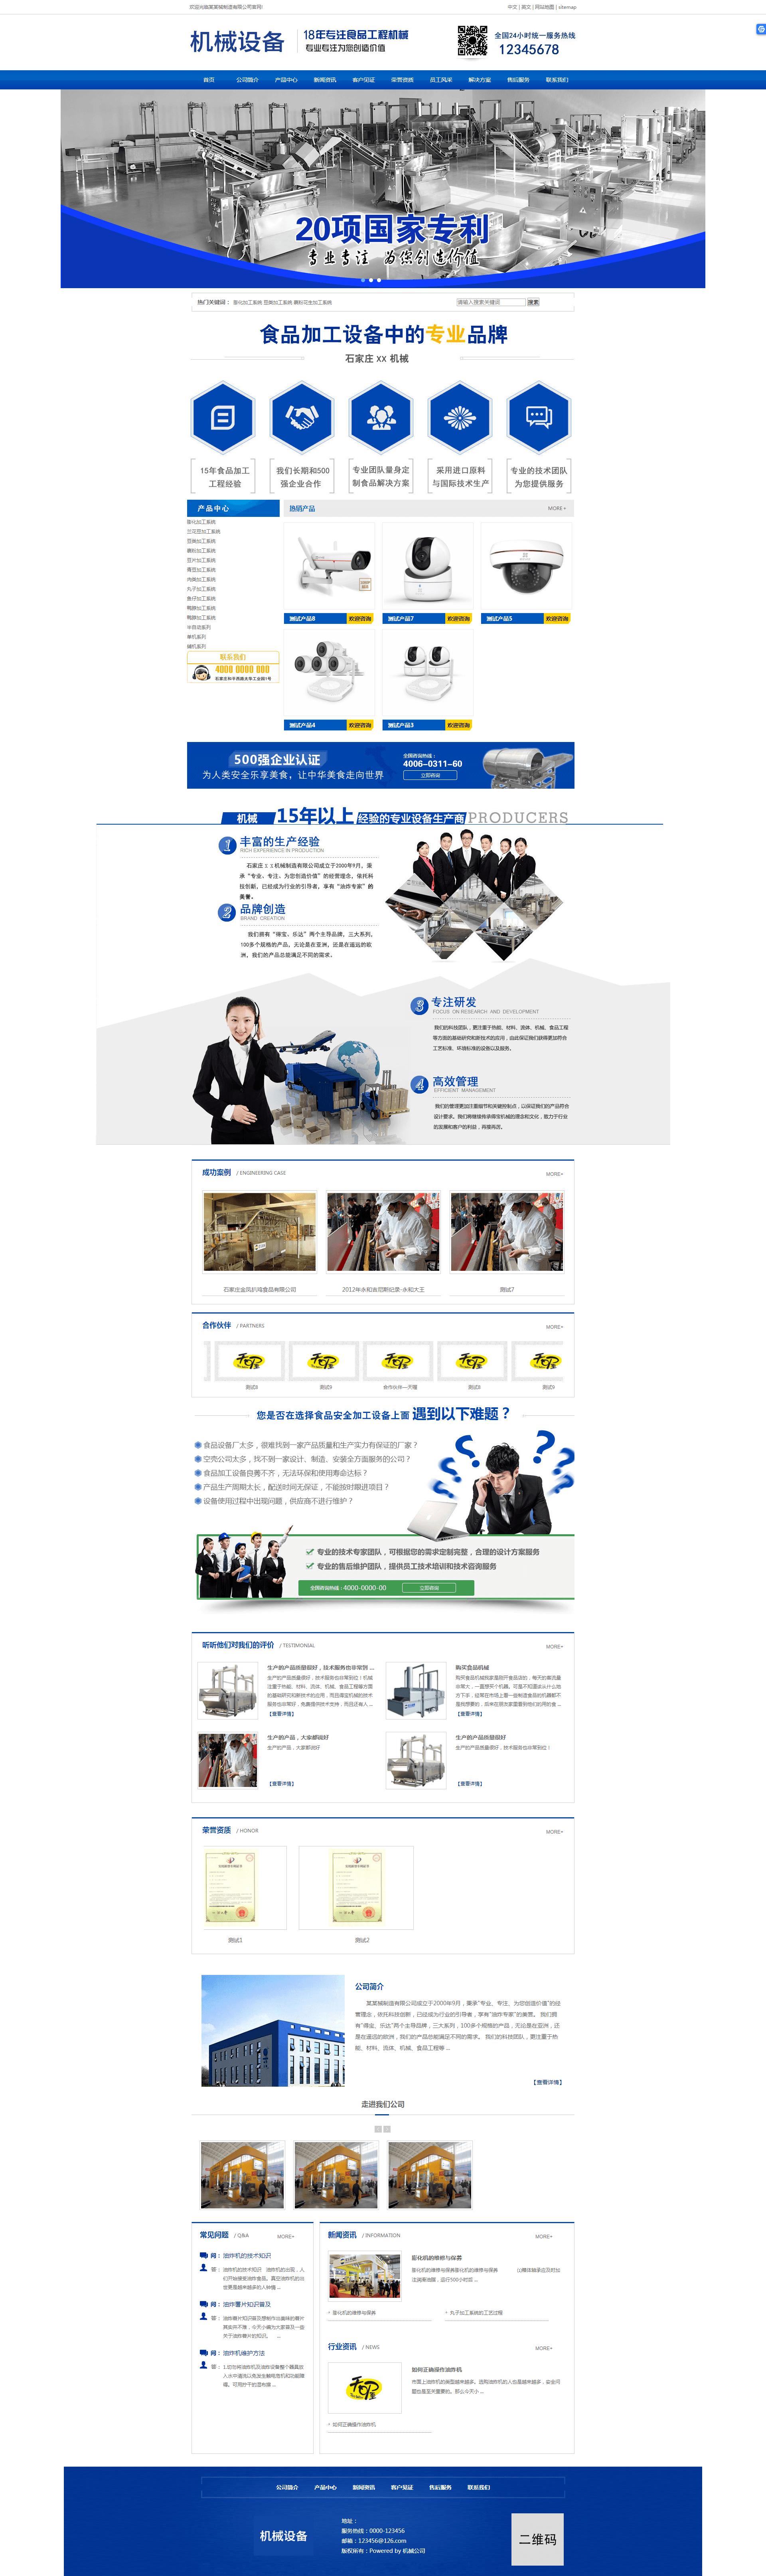 杭州机械设备网站建设